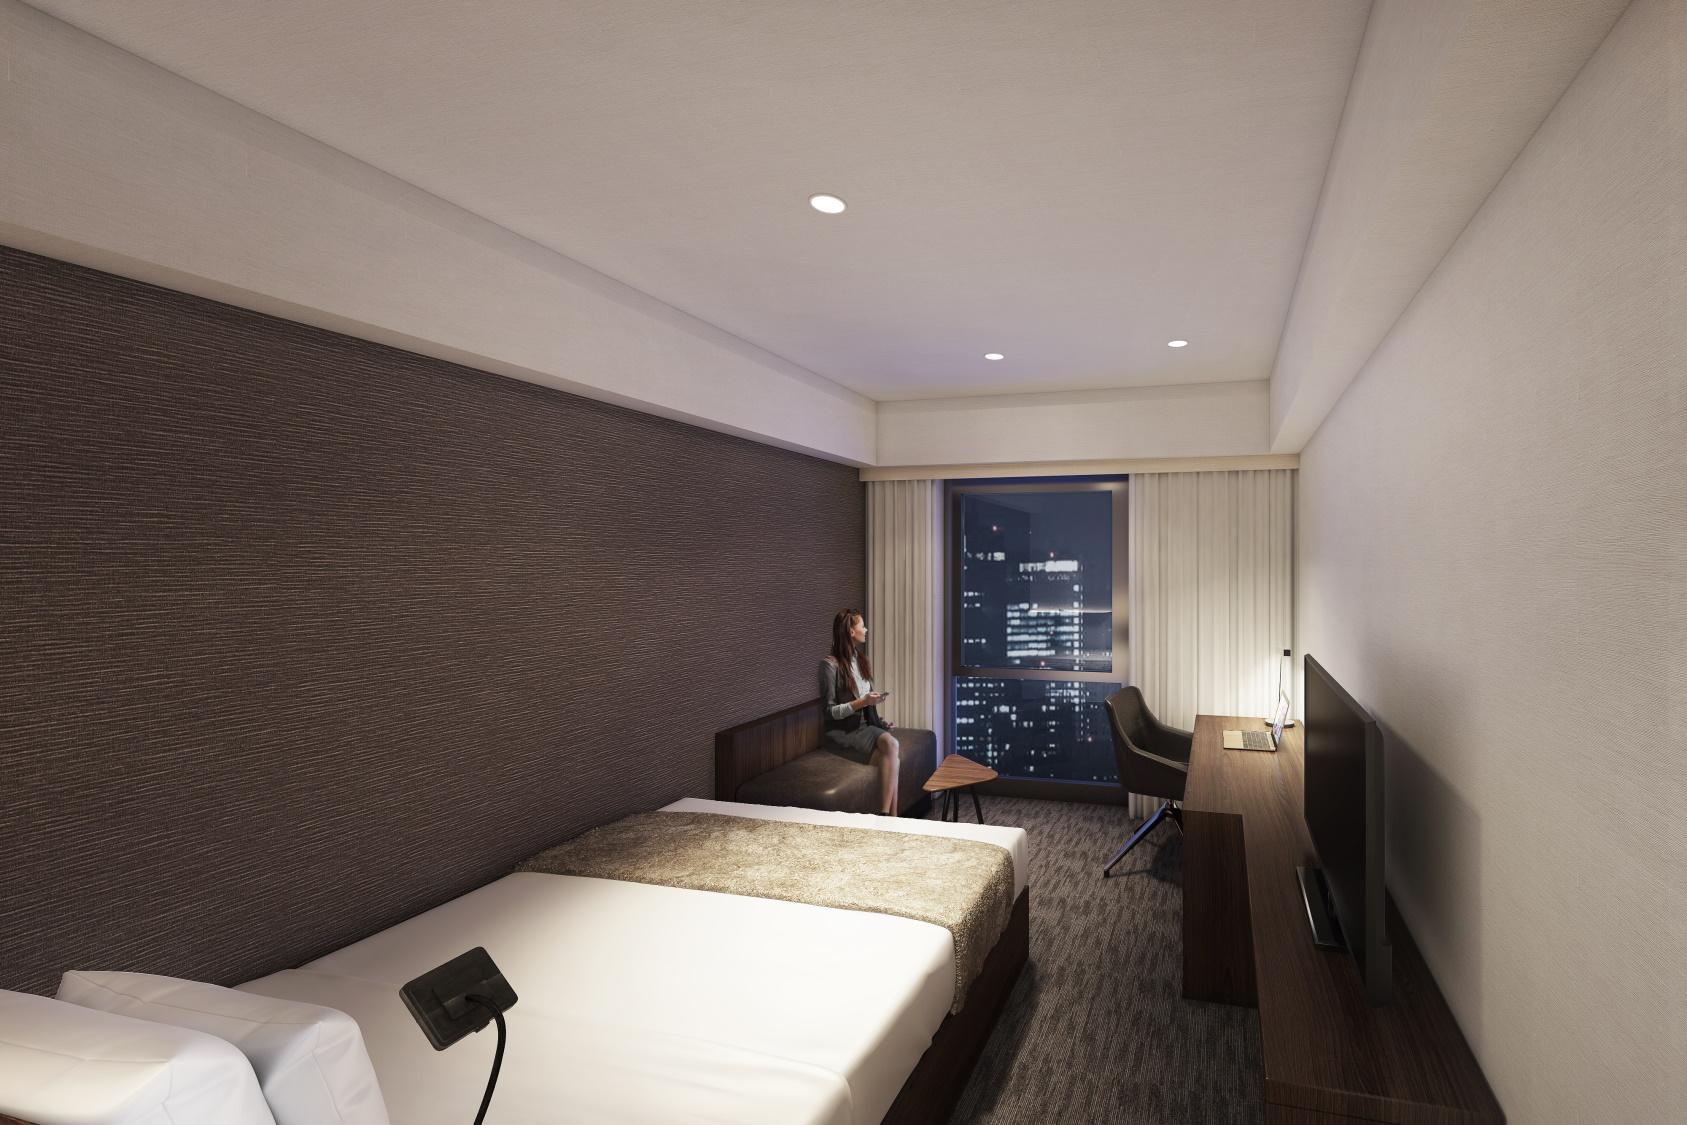 ダイワロイネットホテル福山駅前(2021年4月15日グランドオープン)の部屋画像